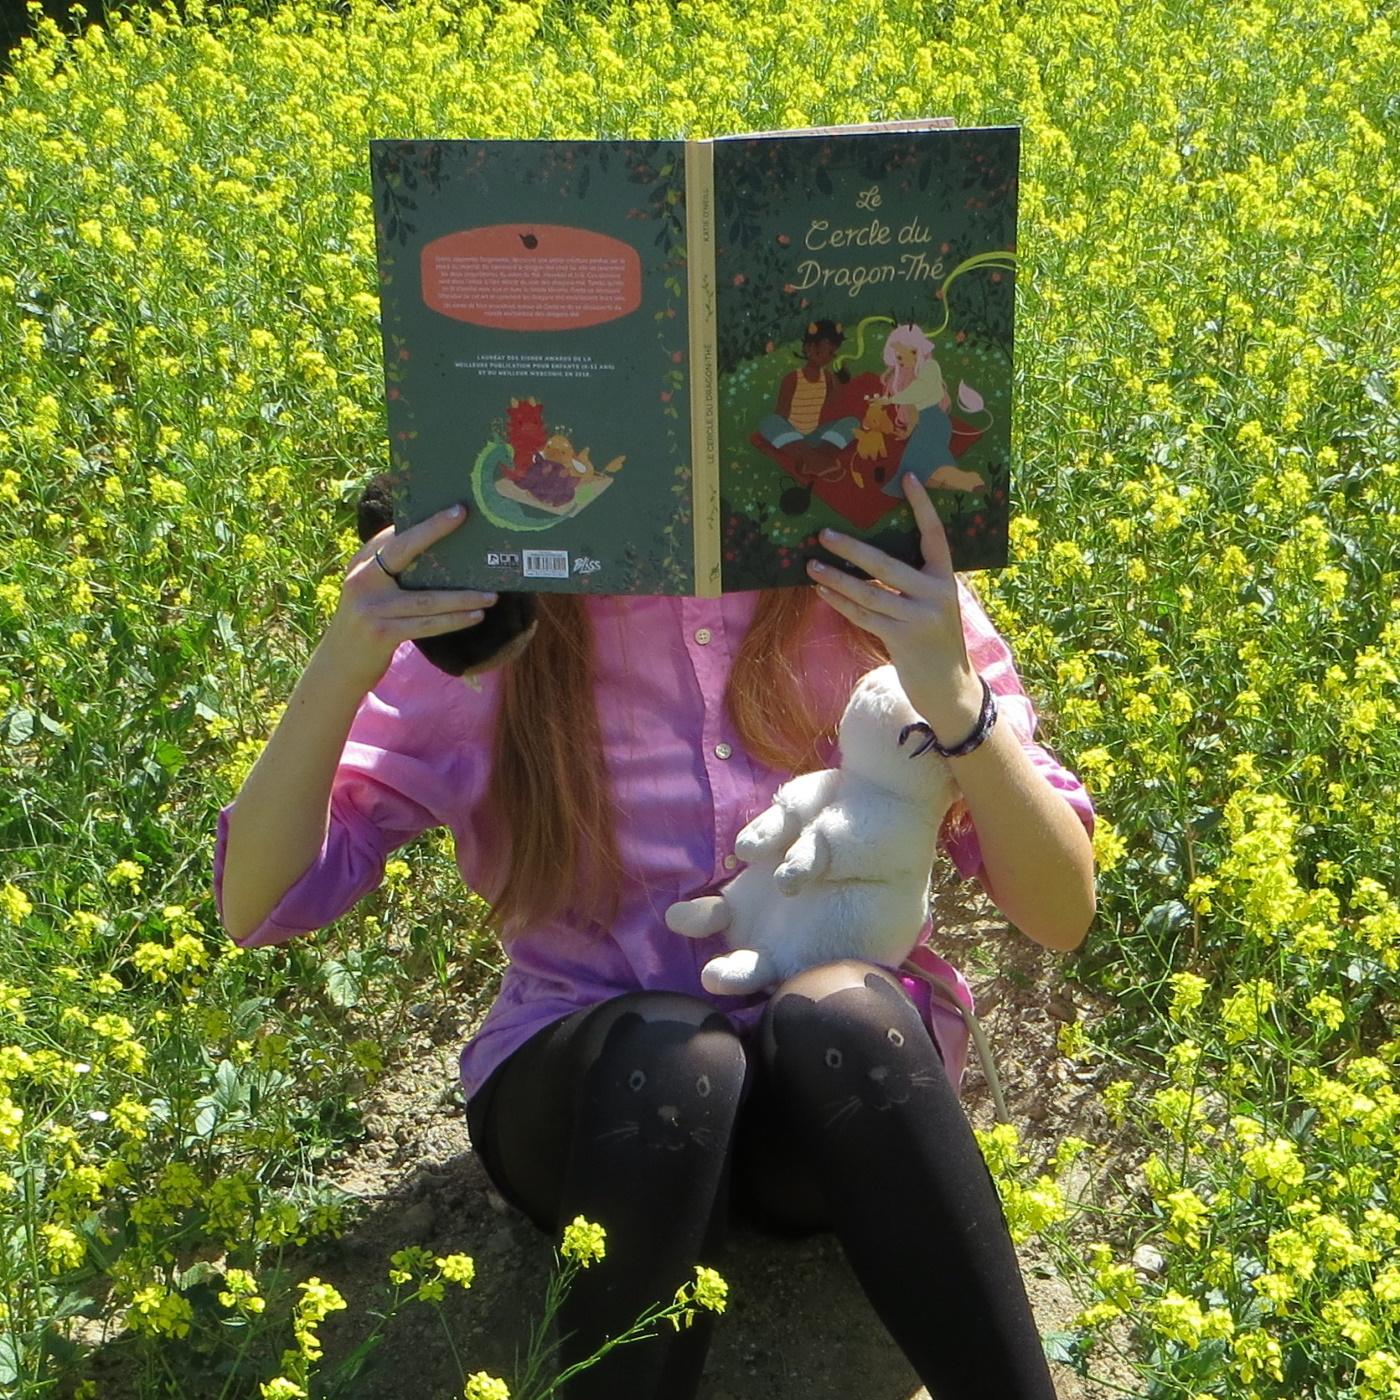 personne en chemise rose lisant Le Cercle du dragon-thé de Kay O'Neill avec des peluches dans un champ de fleurs jaunes